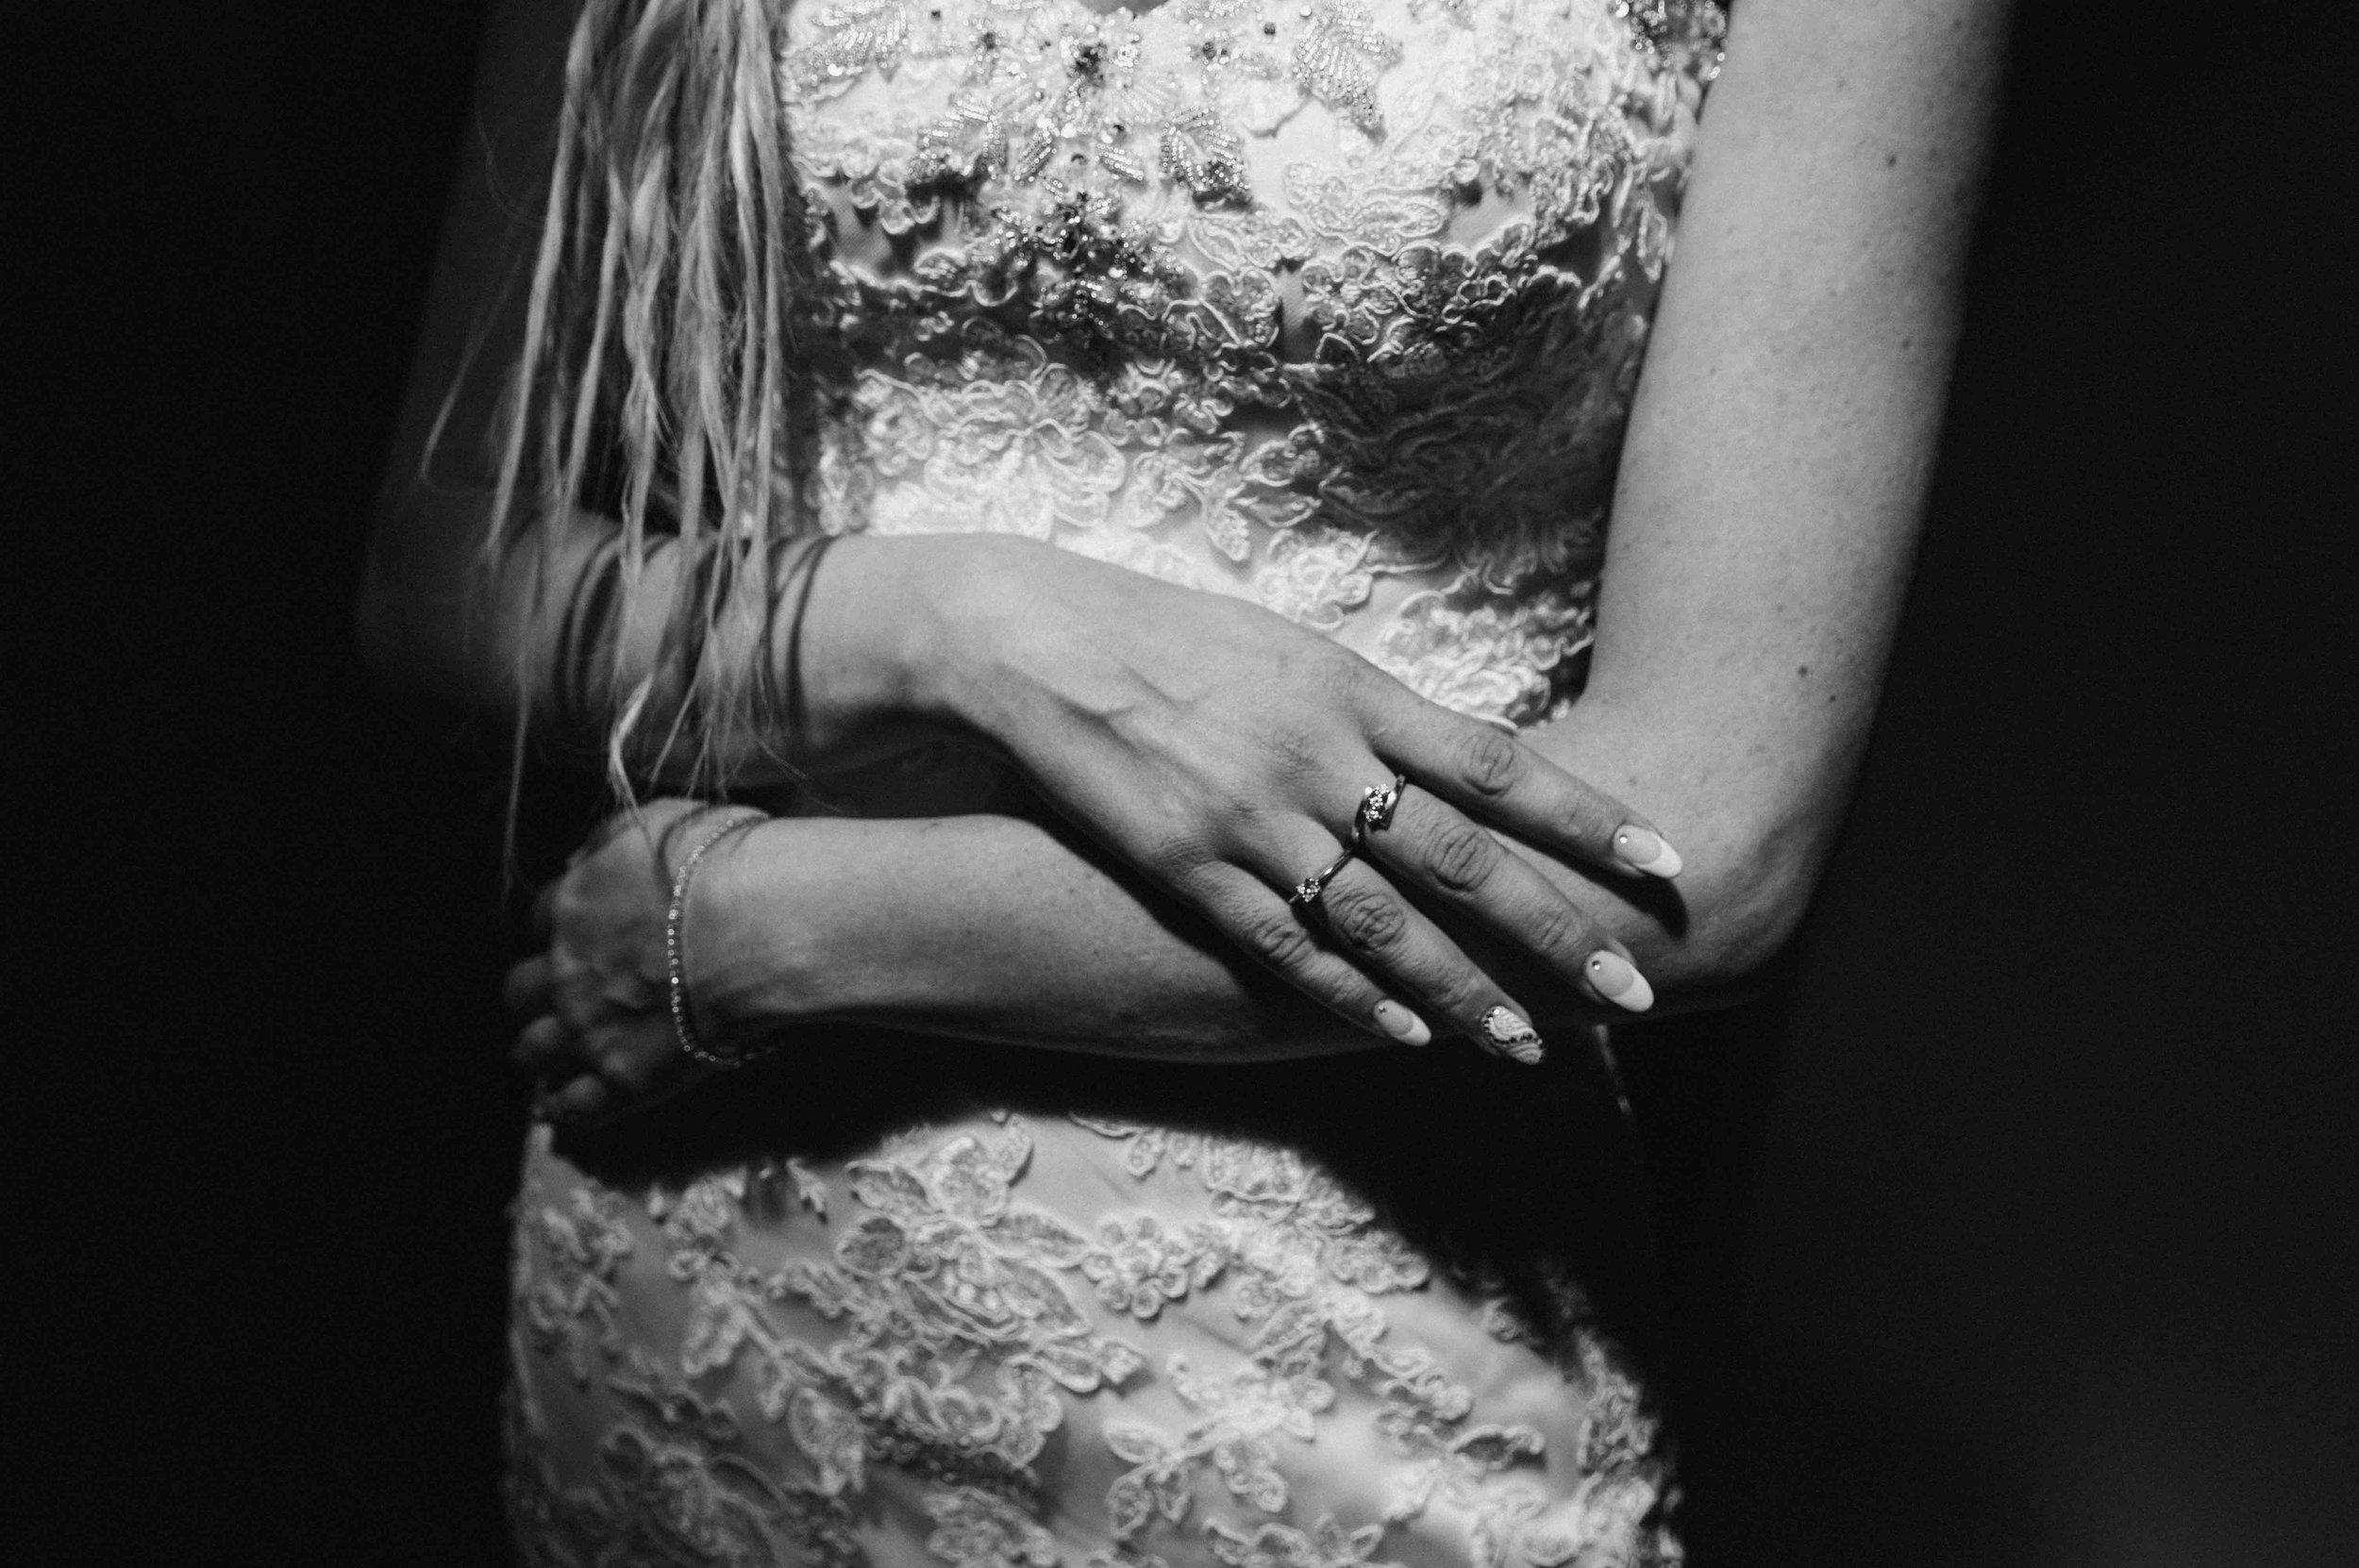 stefano-torreggiani-silvia-roli-palazzo-albergati-fotografo-di-matrimonio (7).jpg